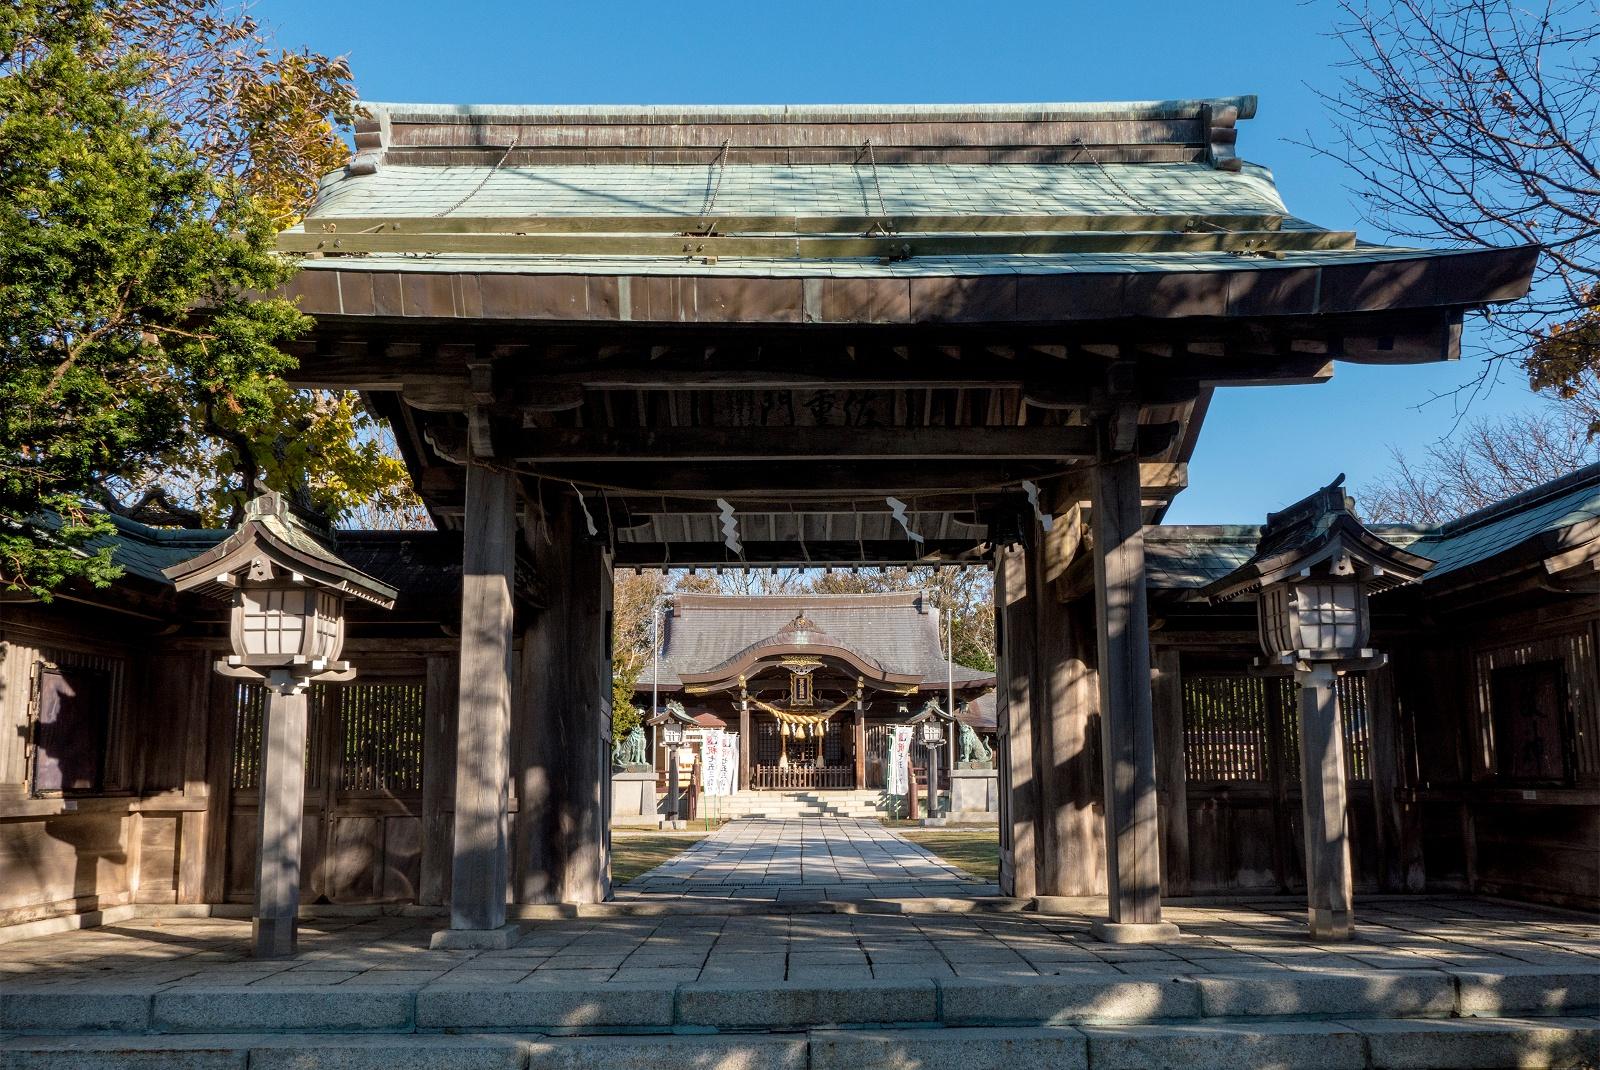 かごからサンマを釣り上げるおみくじがおもしろい!根室・金刀比羅神社